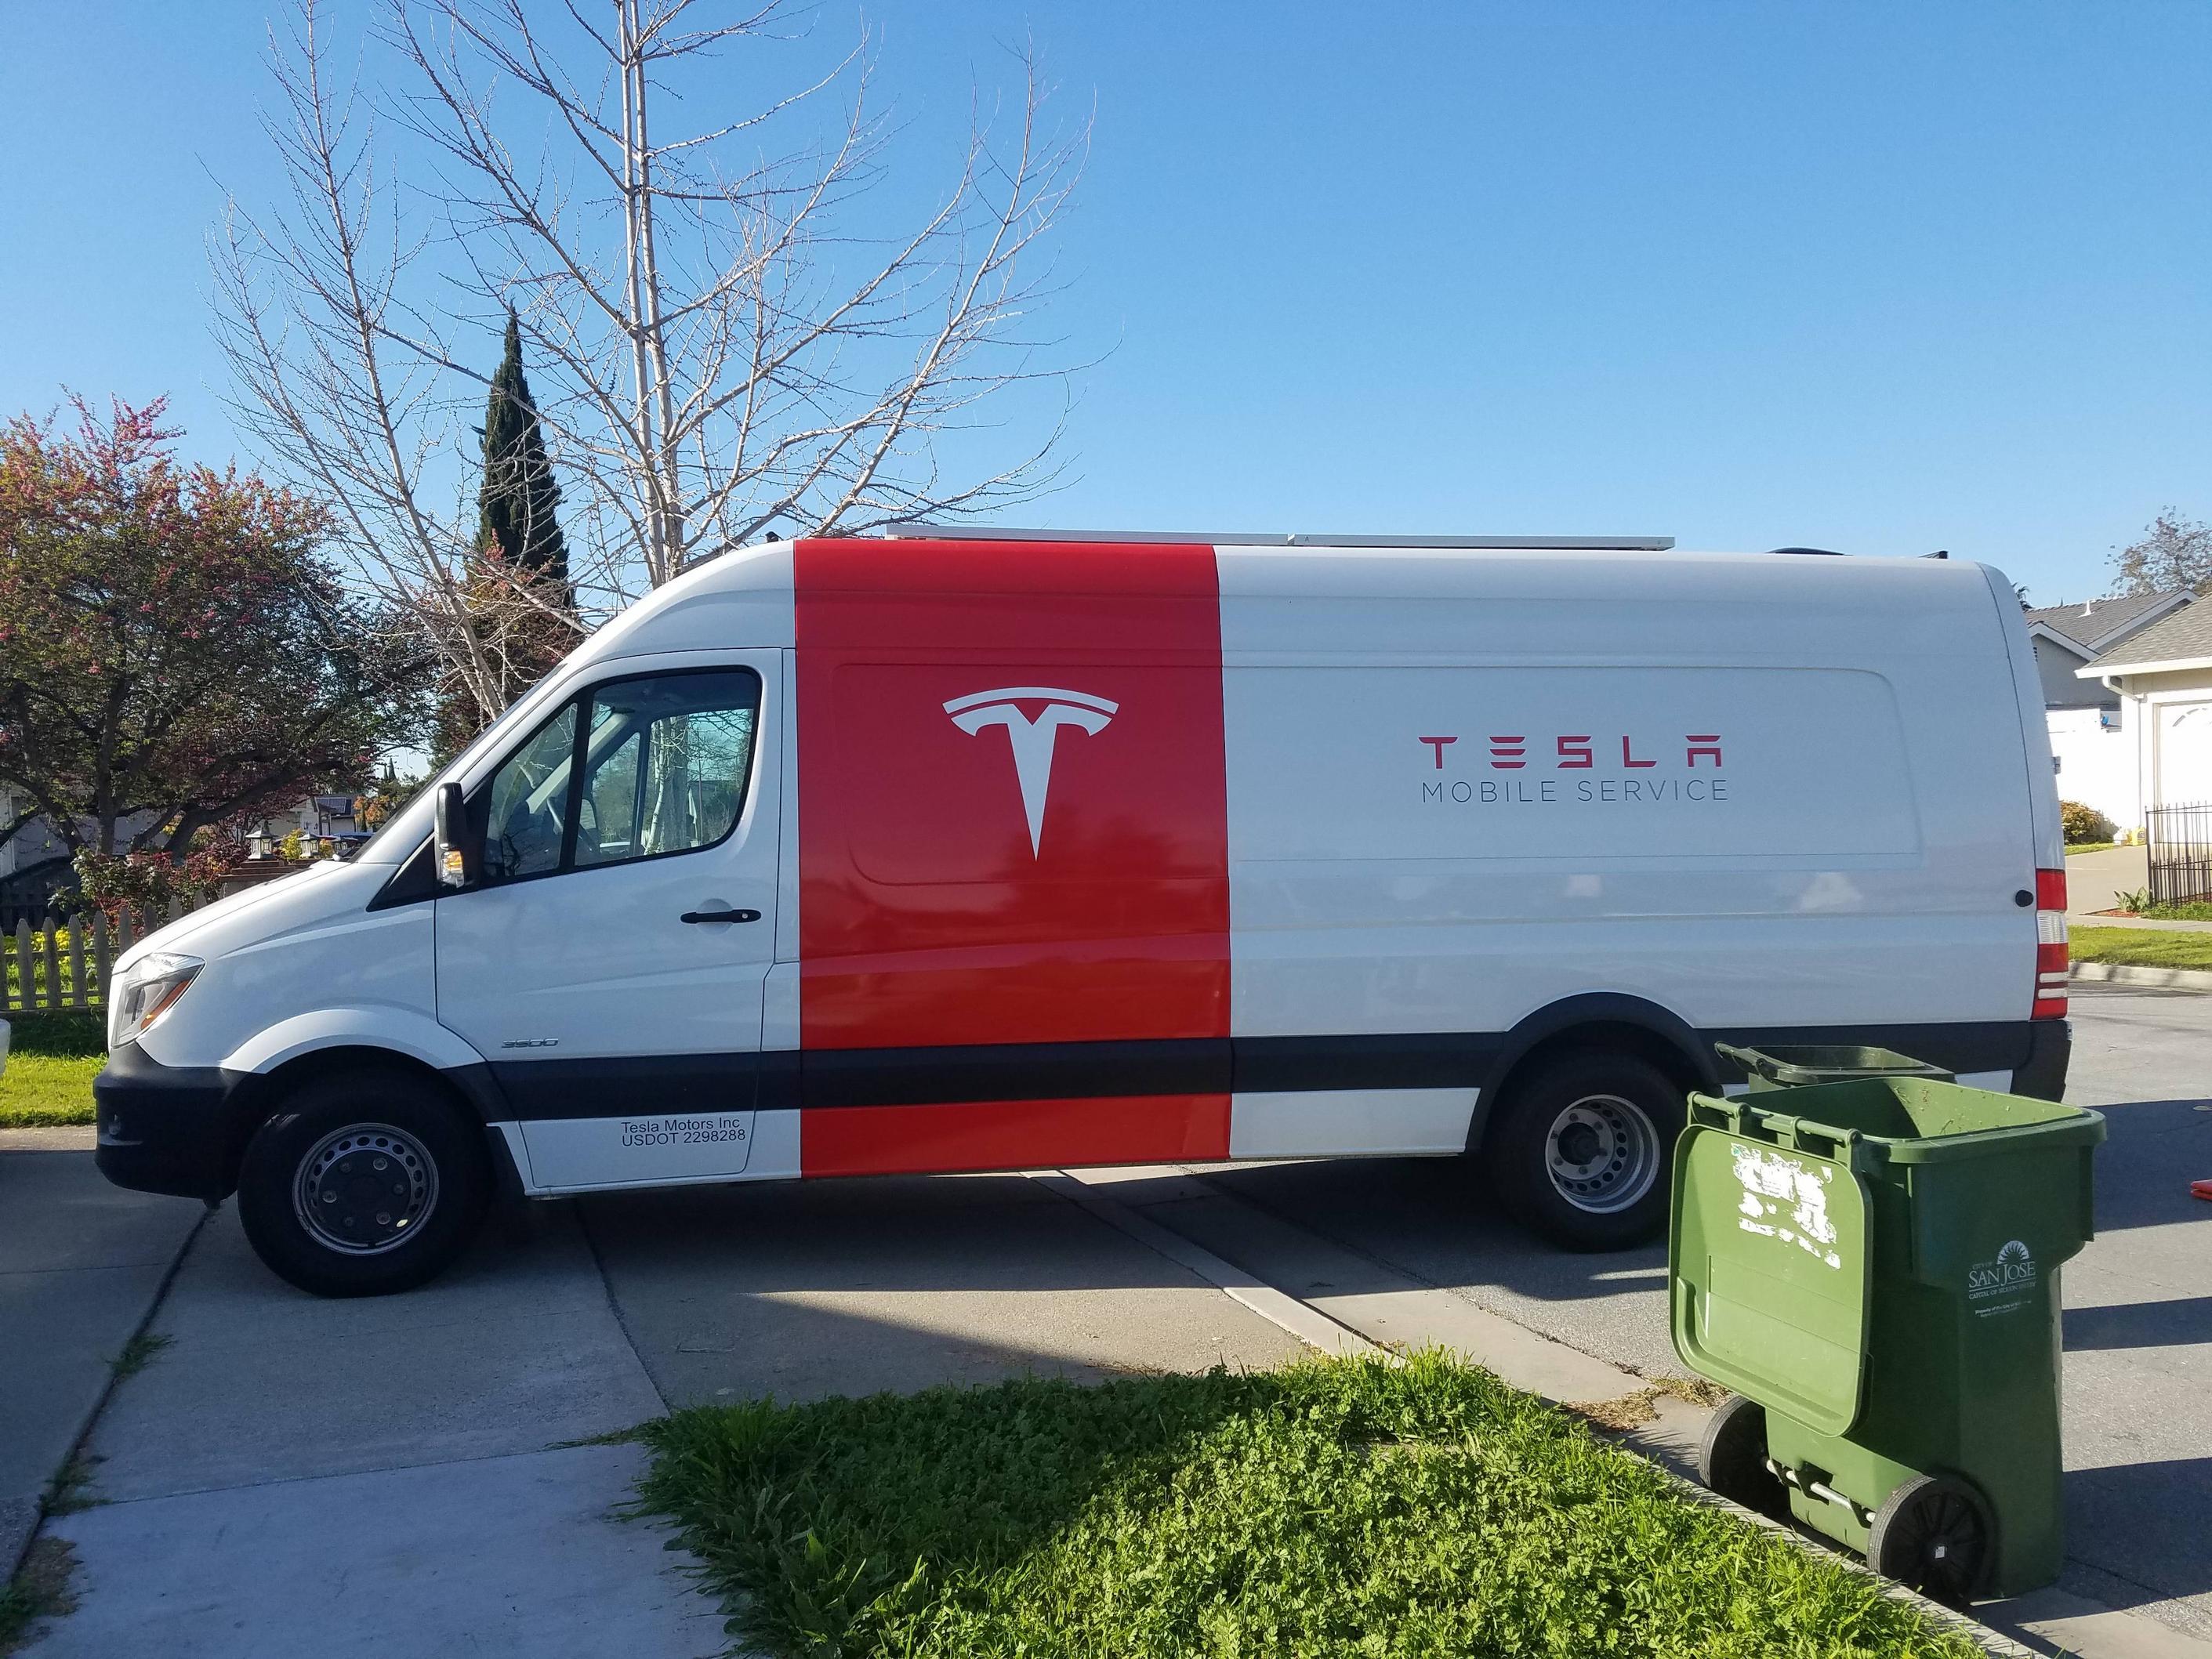 Tesla-mobile-service-van-tire-repair